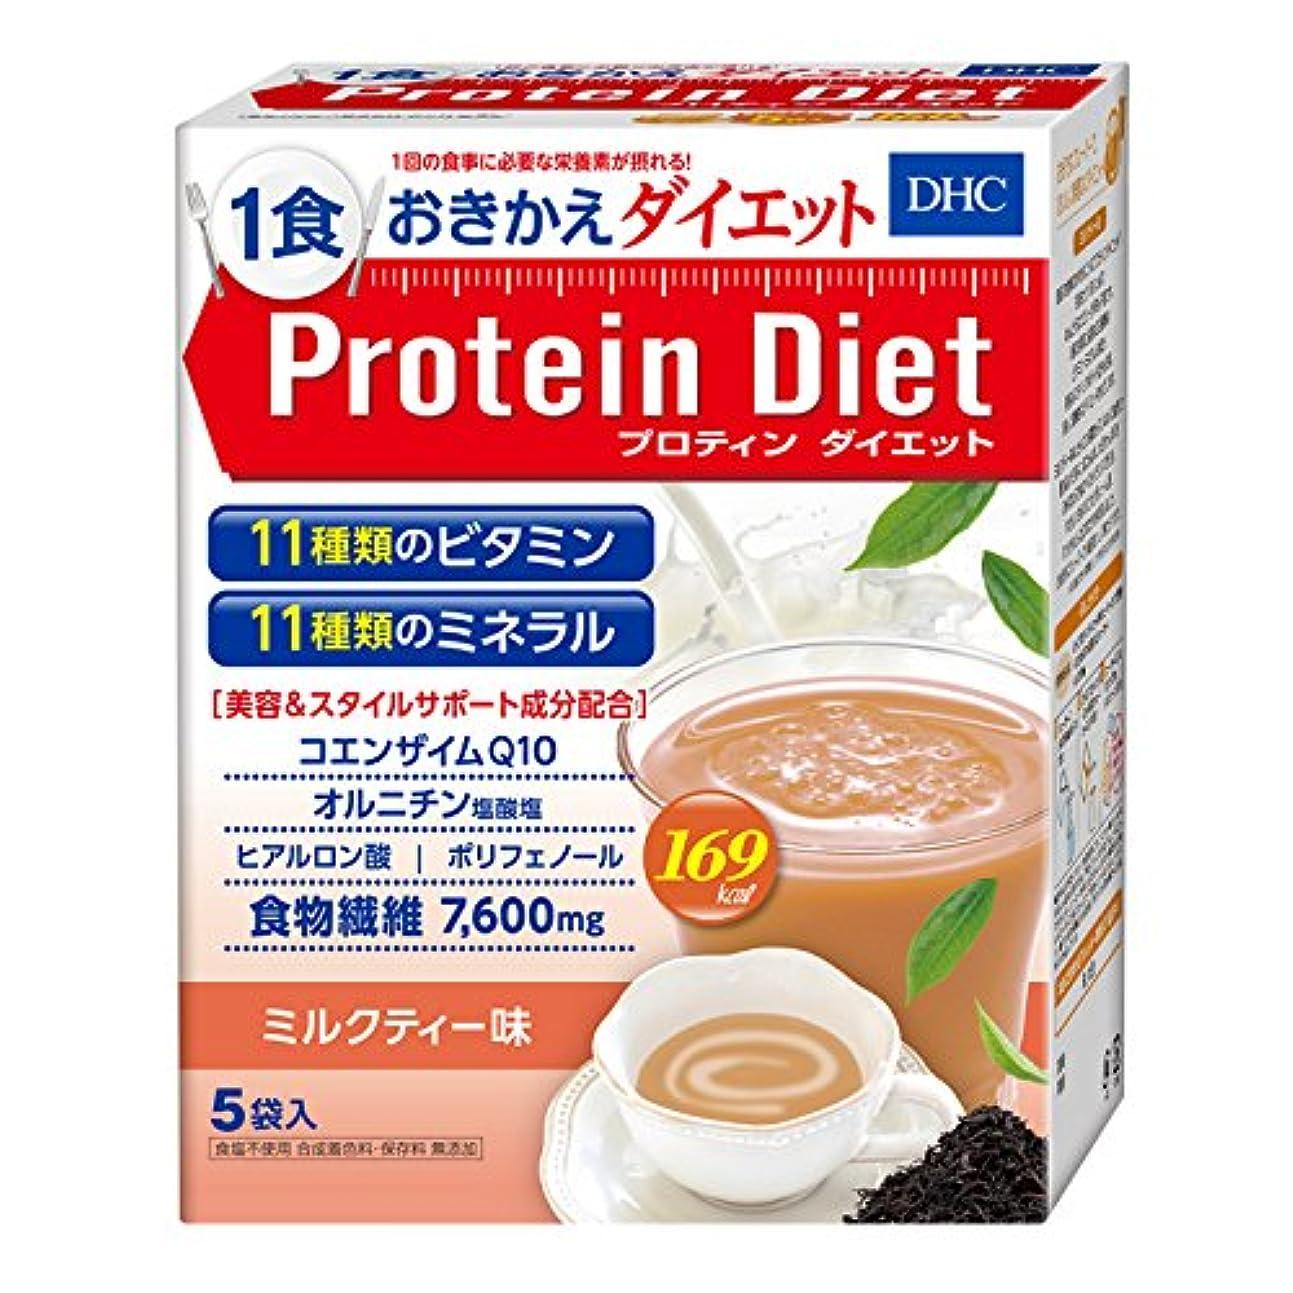 DHCプロティンダイエット(ミルクティー味)